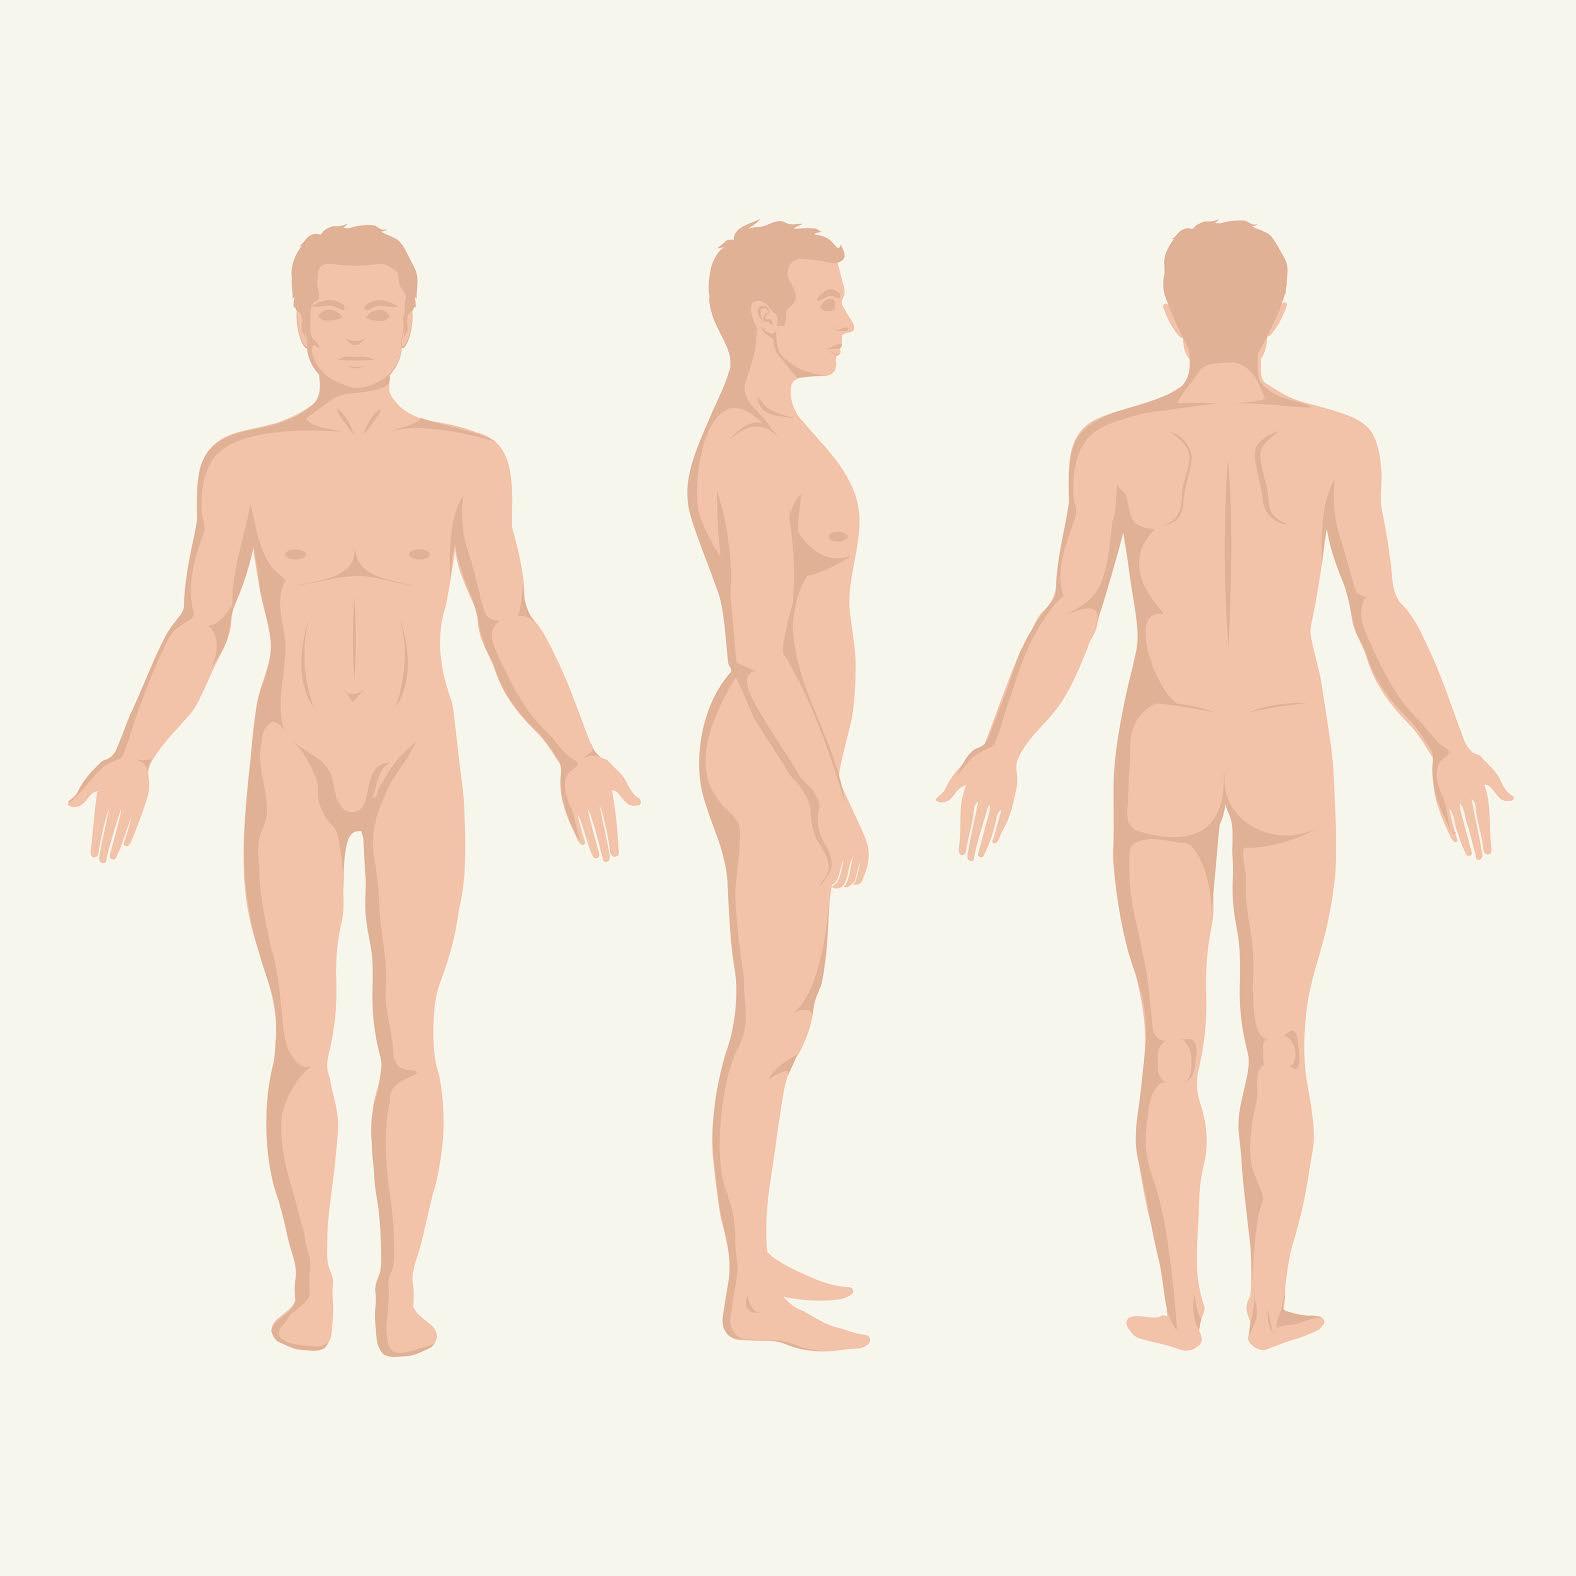 erecție după o intervenție chirurgicală urinară ce trebuie făcut pentru ca penisul să dureze mai mult